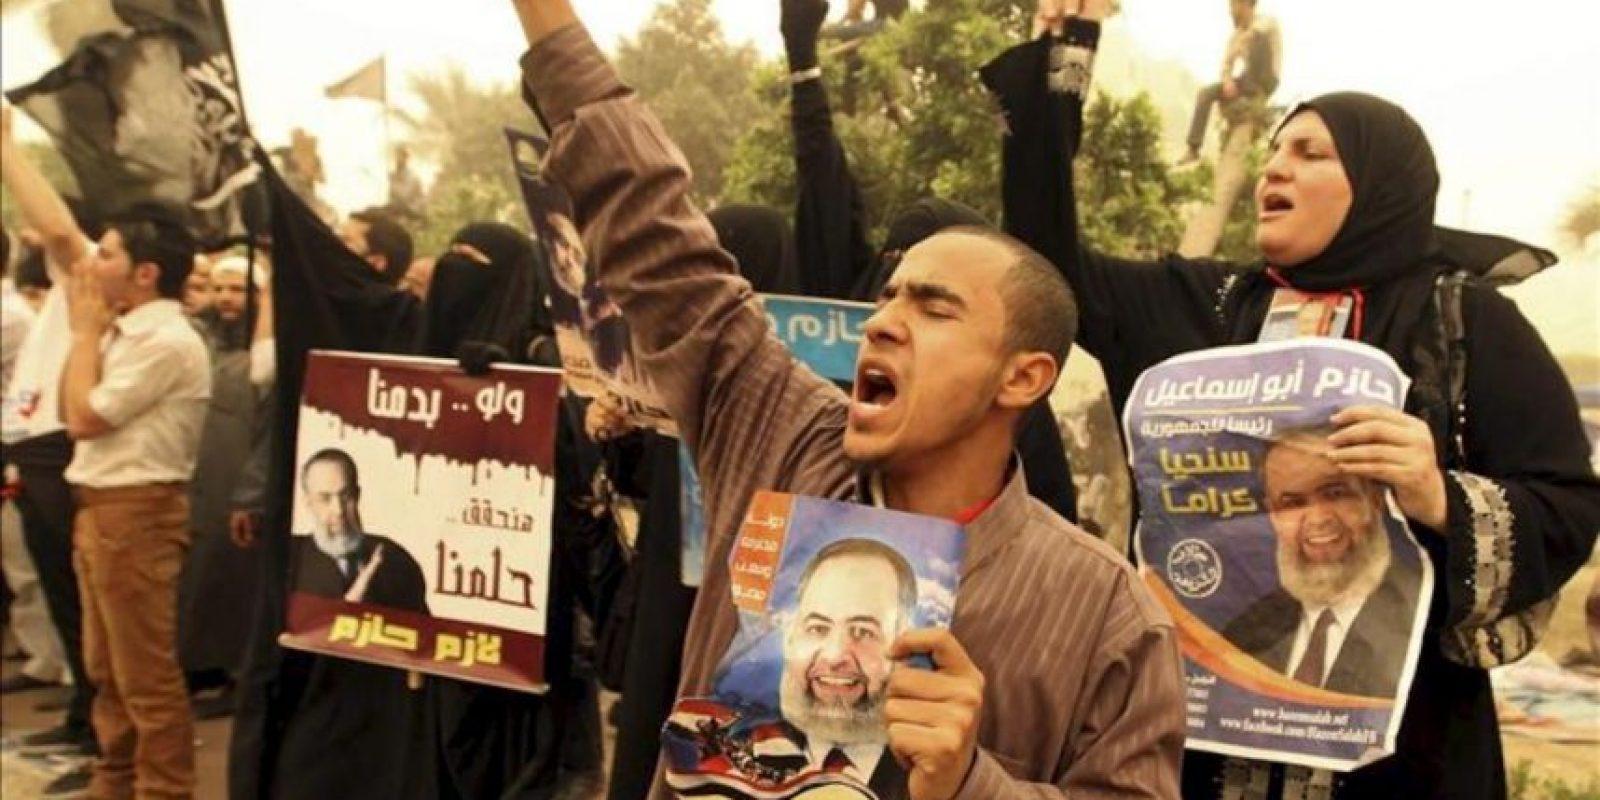 Seguidores del candidato salafista a la presidencia egipcia, Hazem Salah Abu Ismail, muestran carteles electorales mientras se manifiestan a las puertas de la Comisión Electoral en El Cairo, Egipto, hoy 18 de abril de 2012. EFE